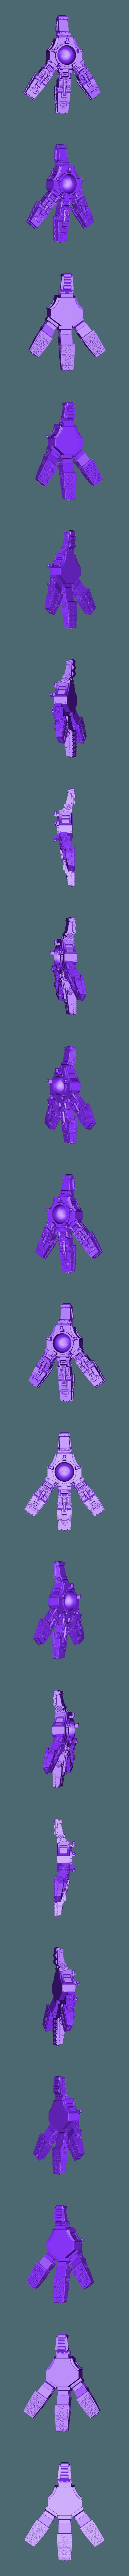 foot.STL Télécharger fichier STL gratuit Lucius Wardog Titan • Plan pour imprimante 3D, jimsbeanz